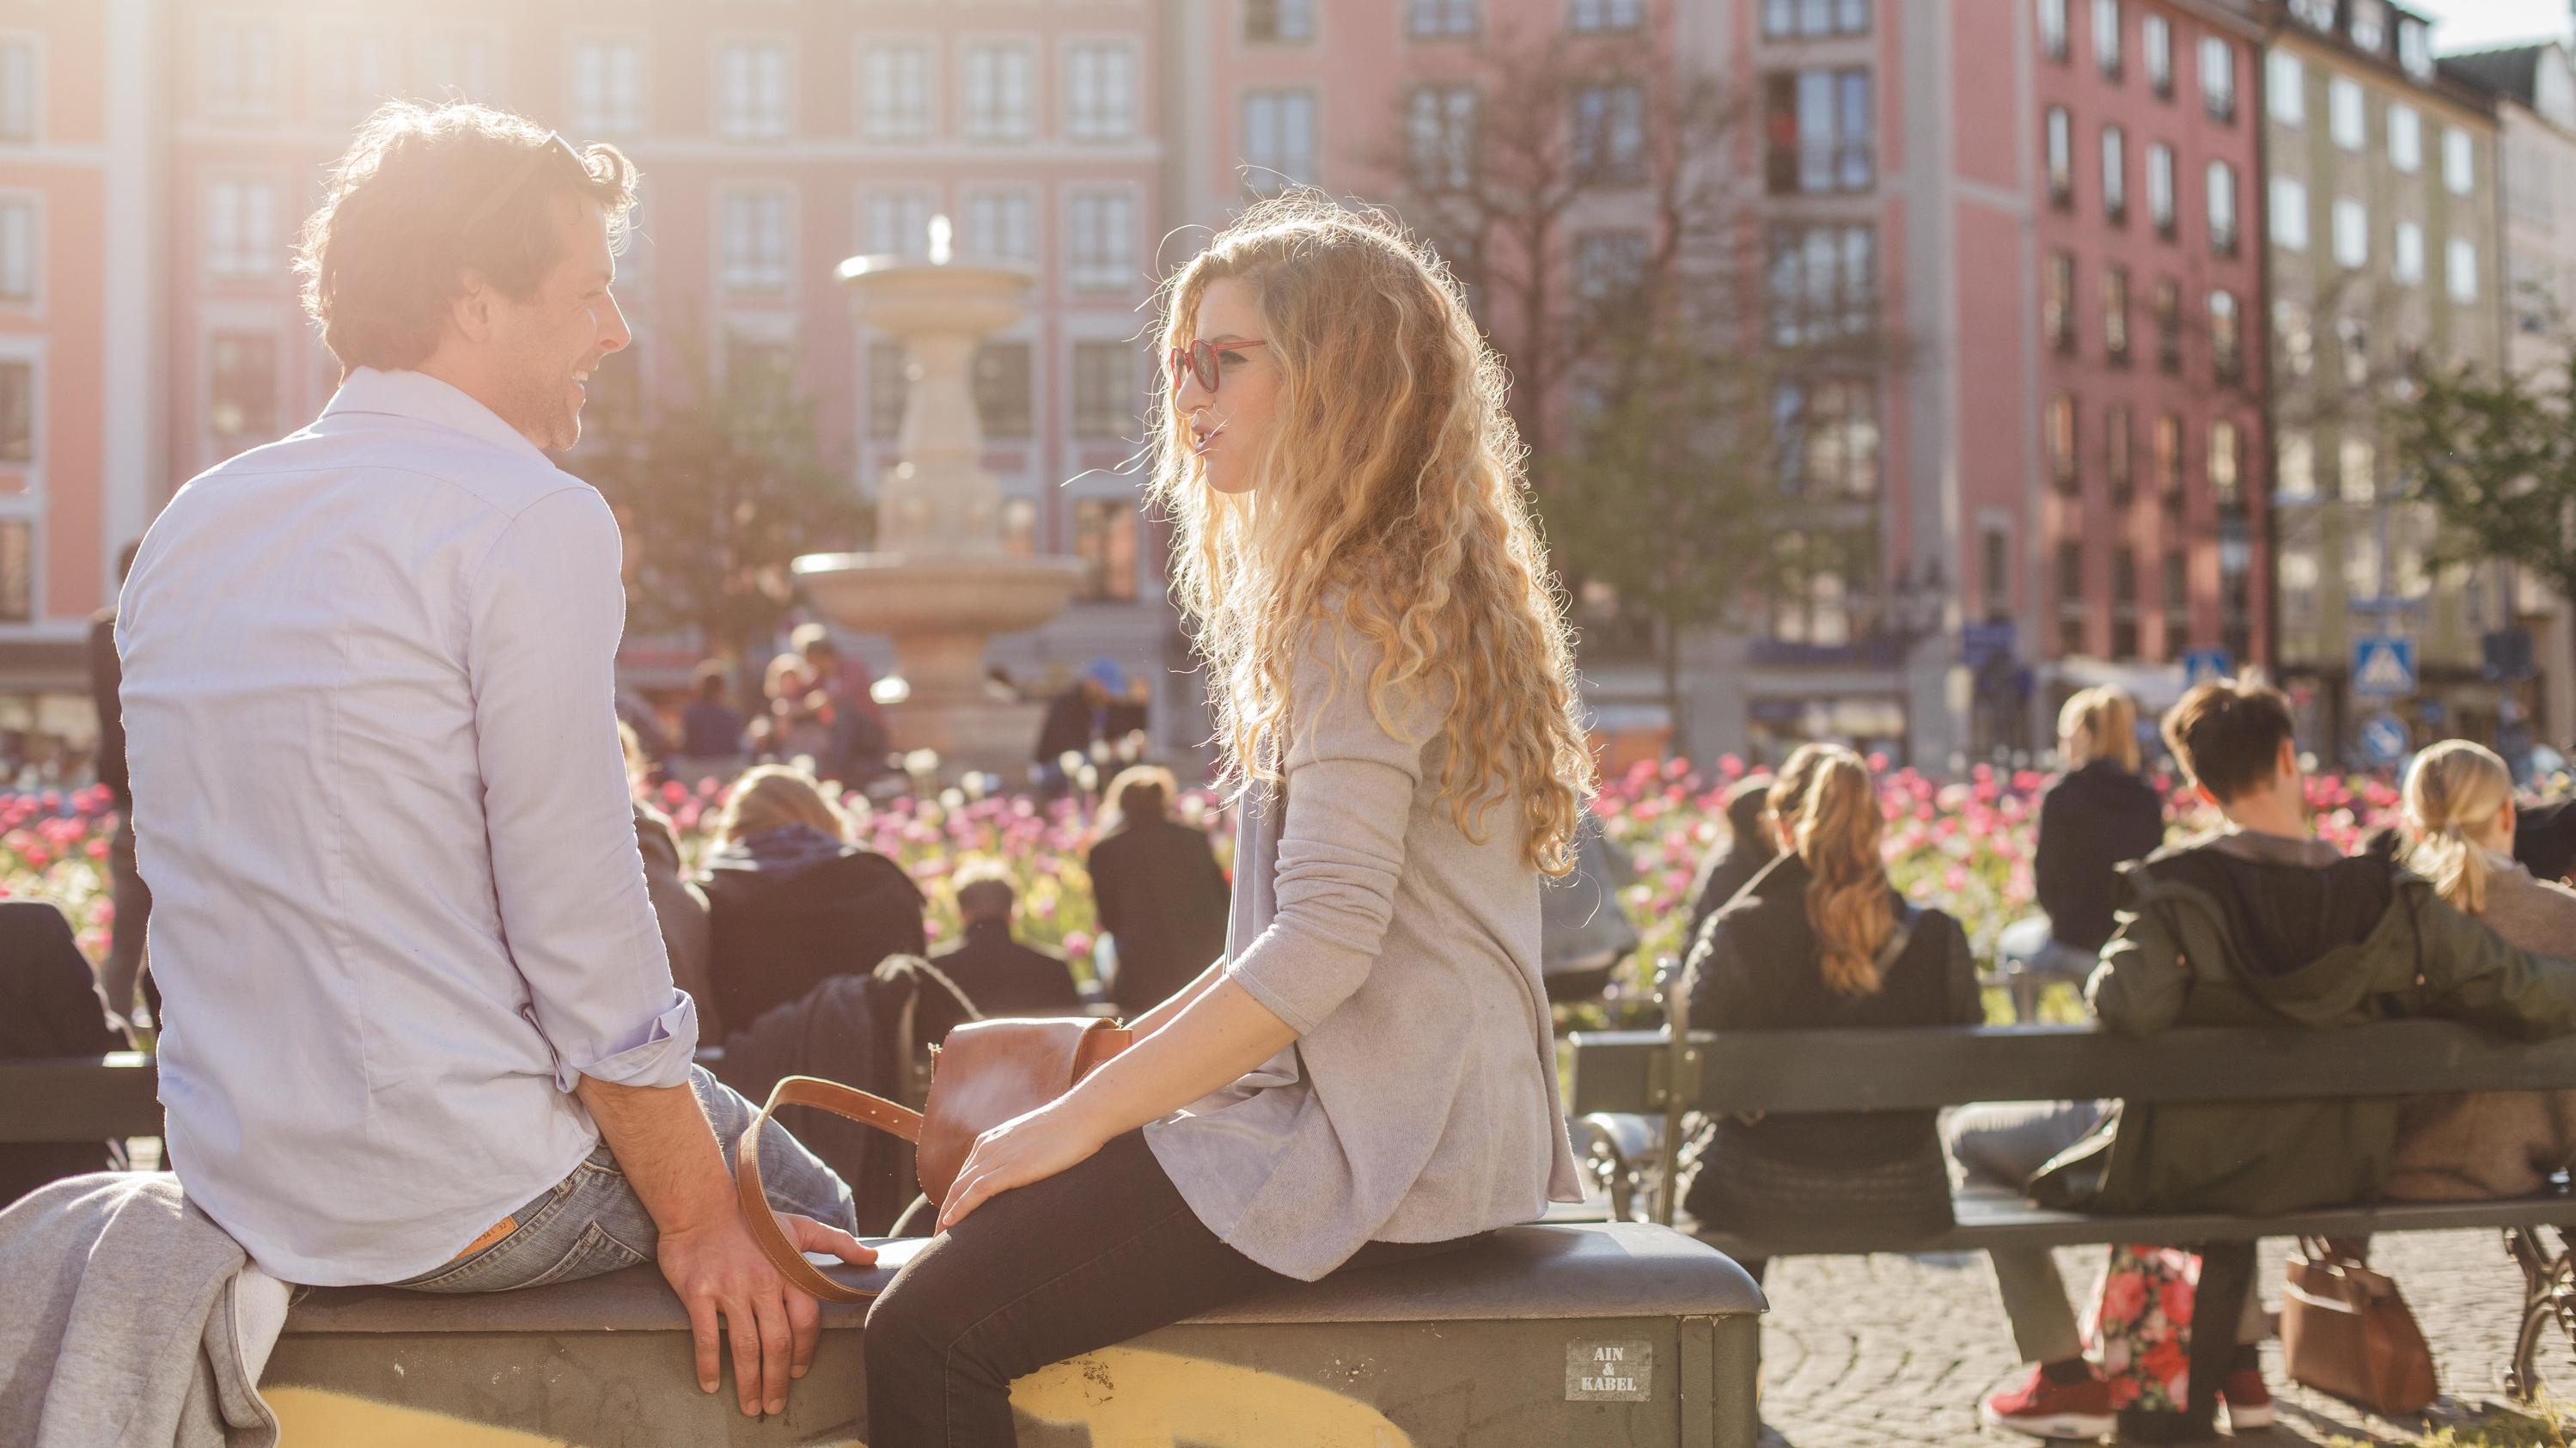 Paare genießen die frühlingshaften Temperaturen am Gärtnerplatz in München.